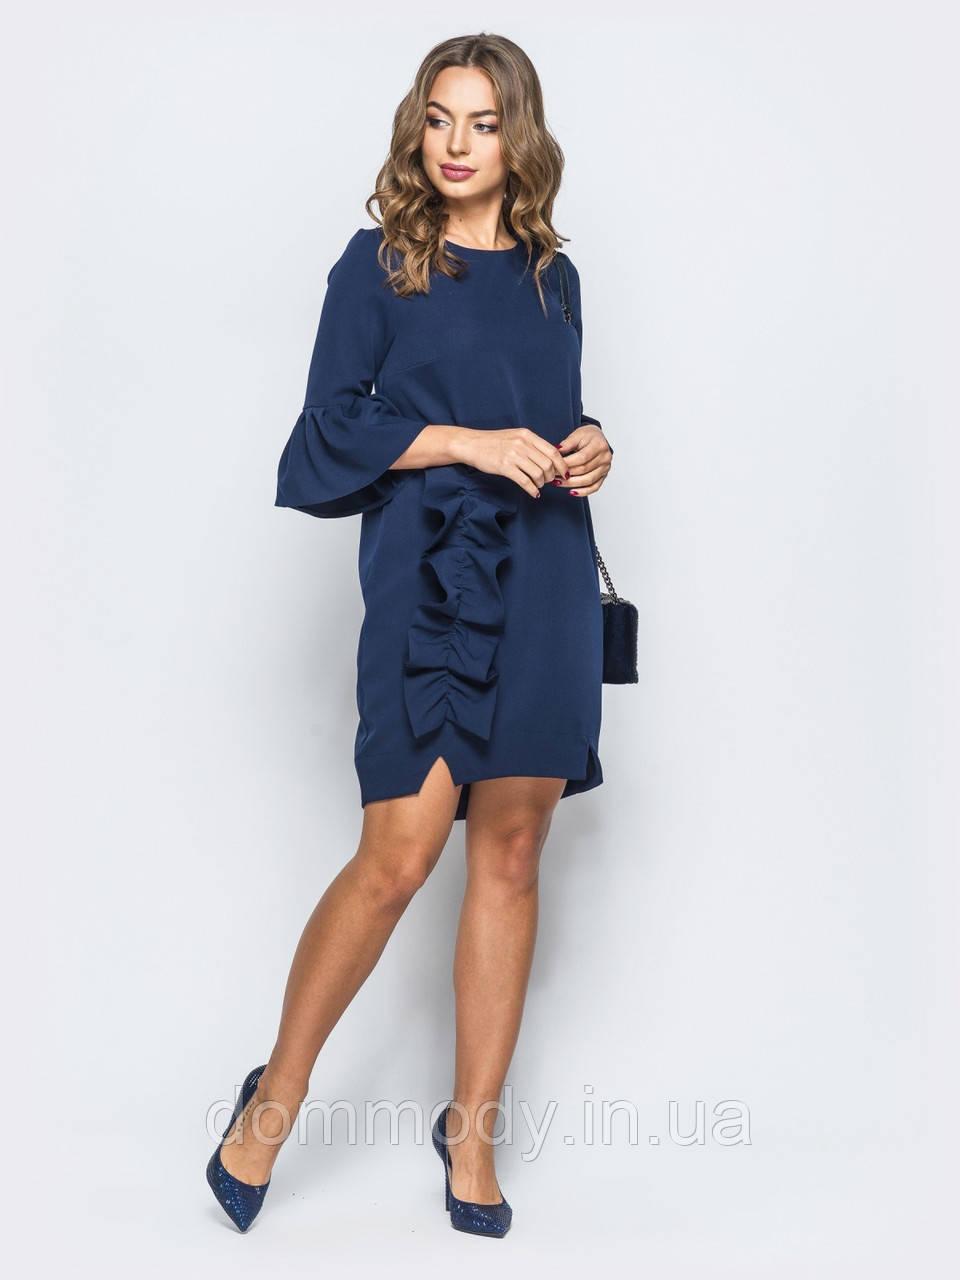 Платье женское Vivan blu